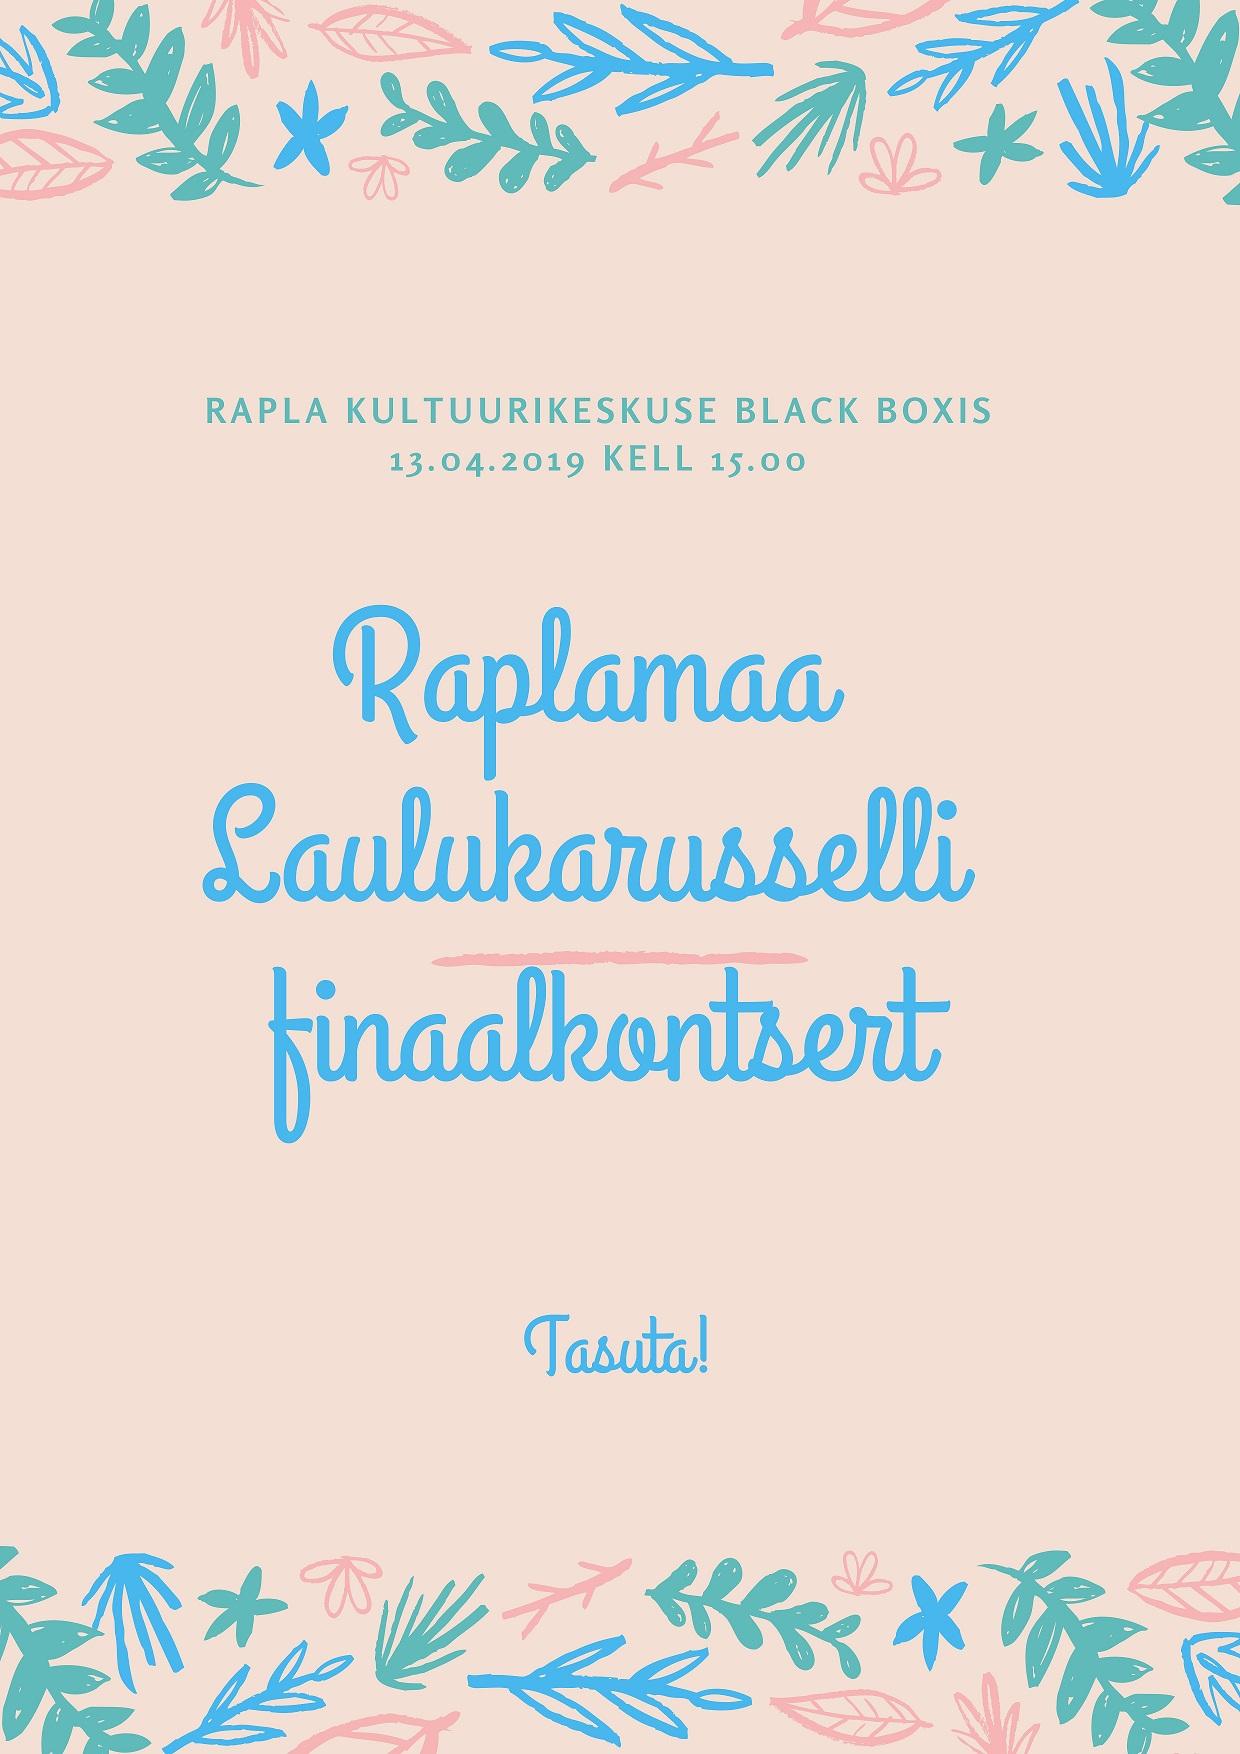 Raplamaa Laulukarusselli finaalkontsert